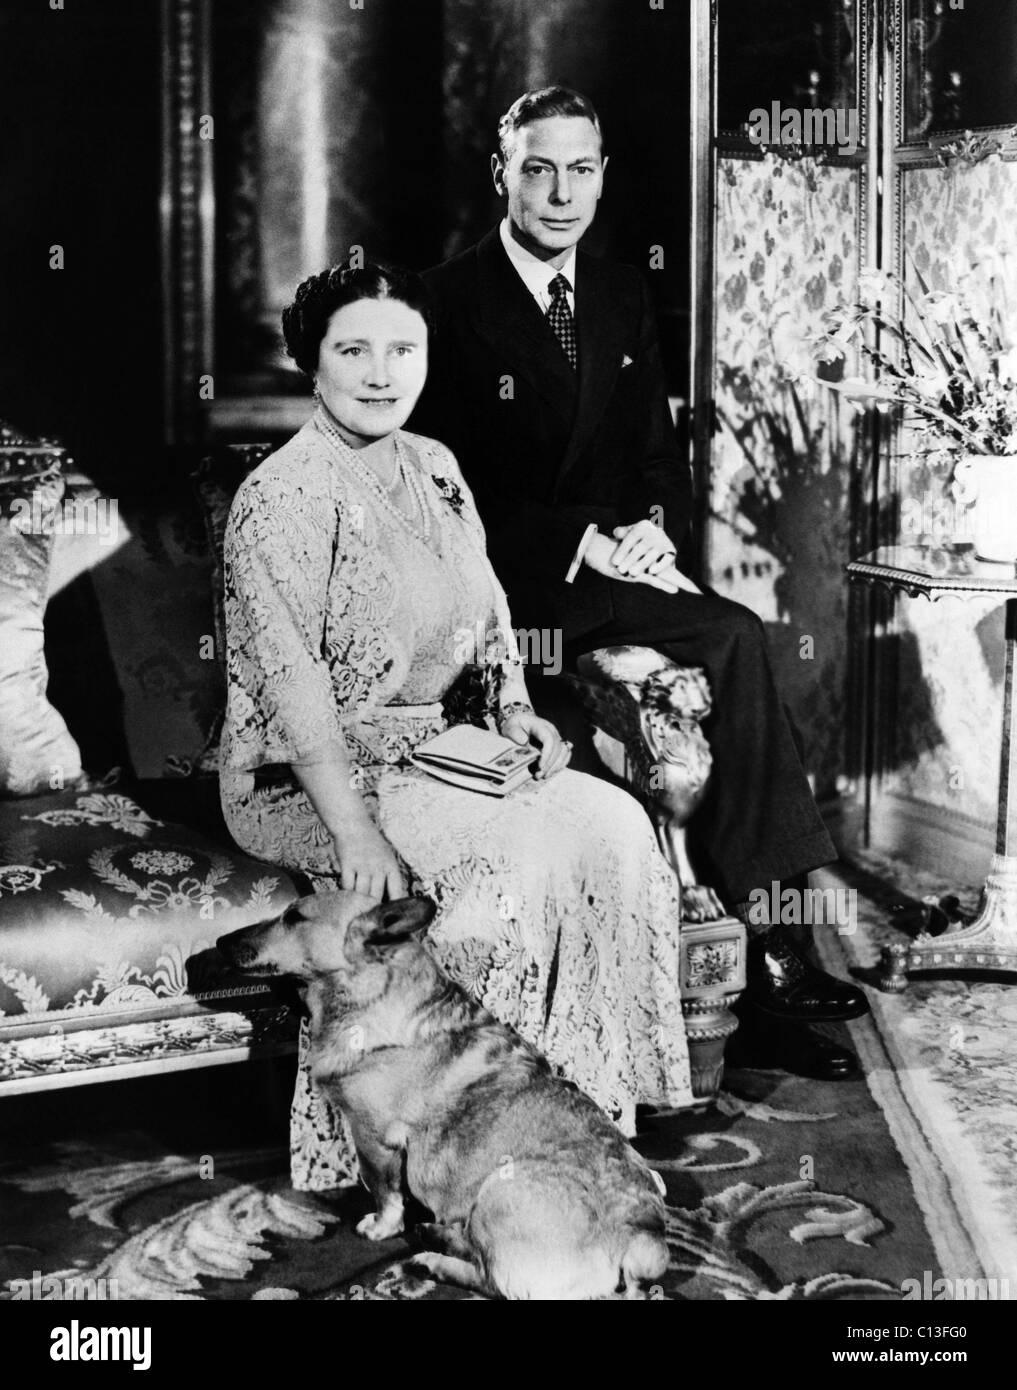 könig von england 1940